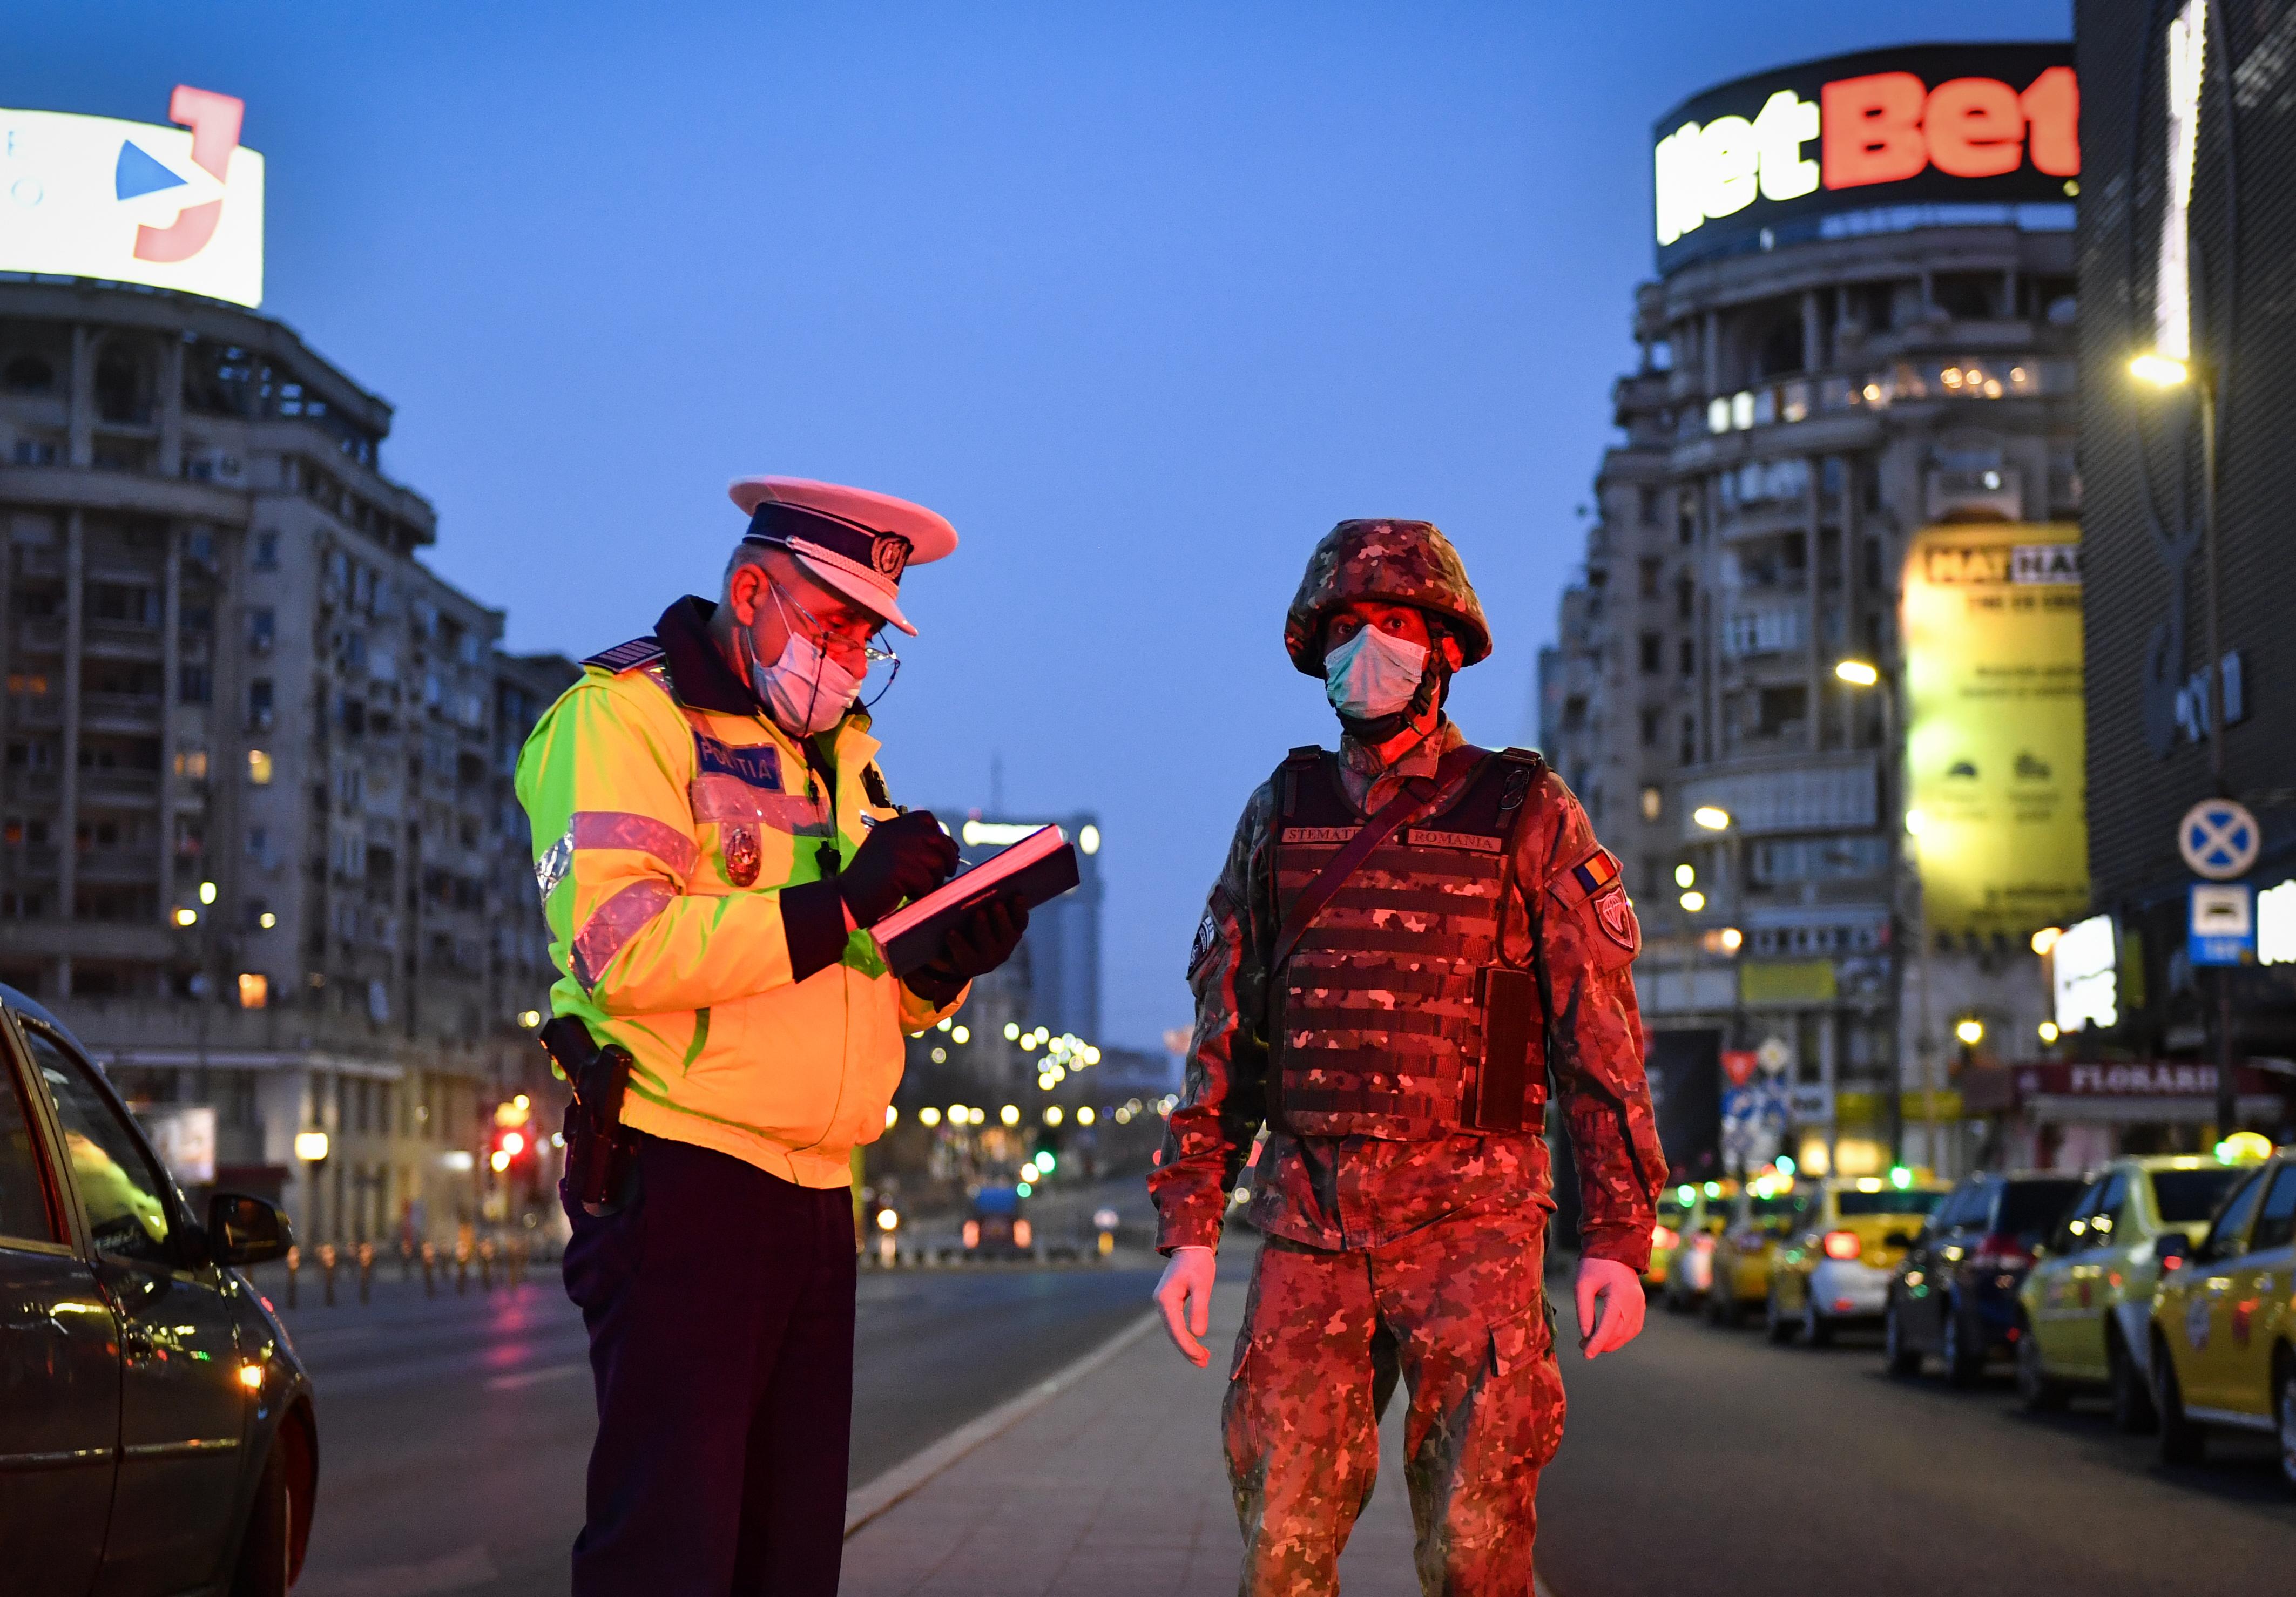 Május közepétől Romániában szabadon lehet mozogni, de kötelező lesz a maszk a zárt tereken és a közlekedési járműveken